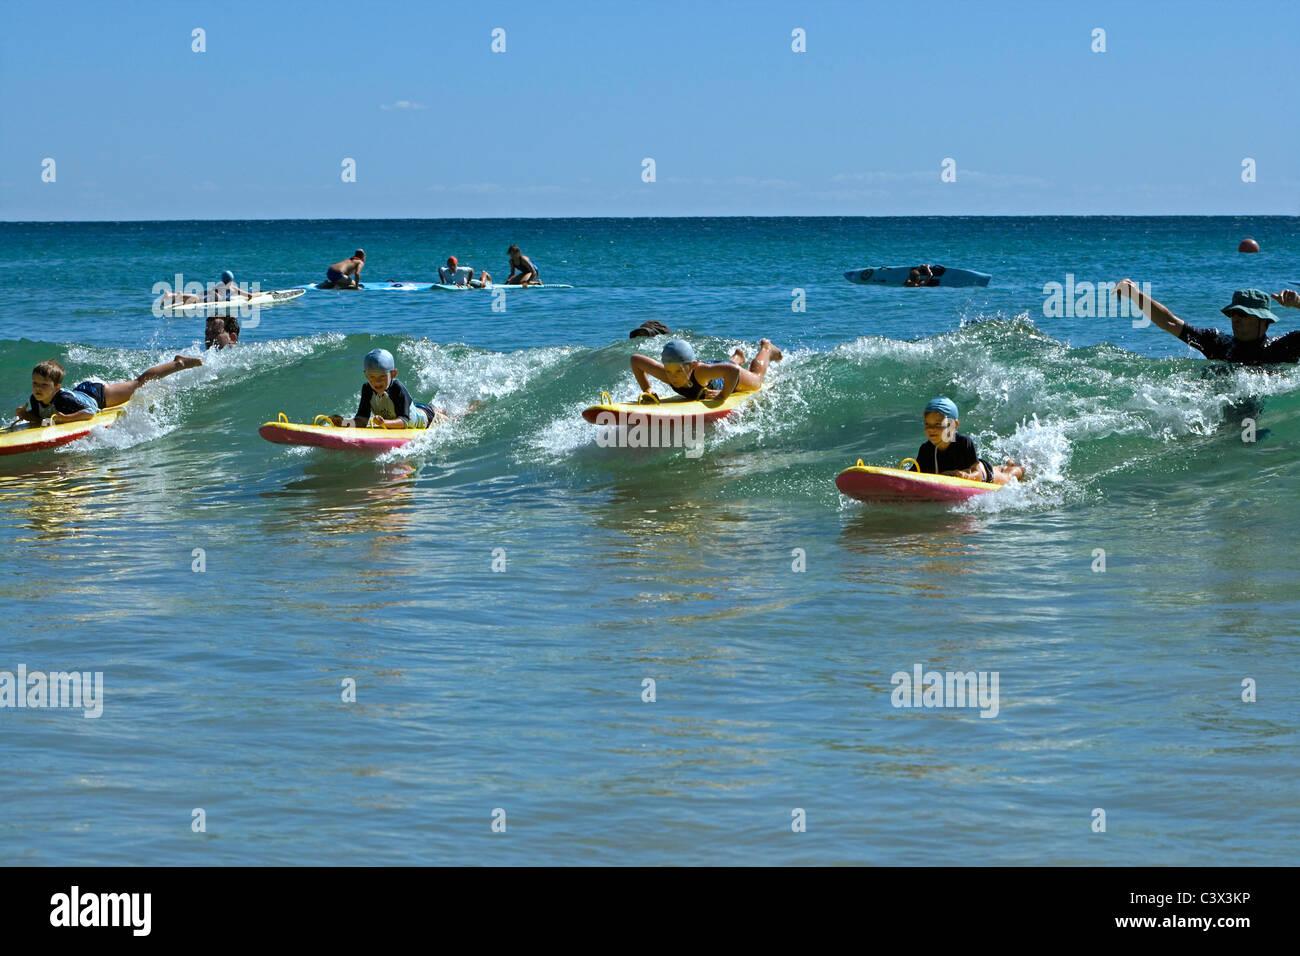 Australien, Sydney Manly Beach. Wöchentlichen Wettbewerb der jungen Surfer am Sonntagmorgen. Stockbild